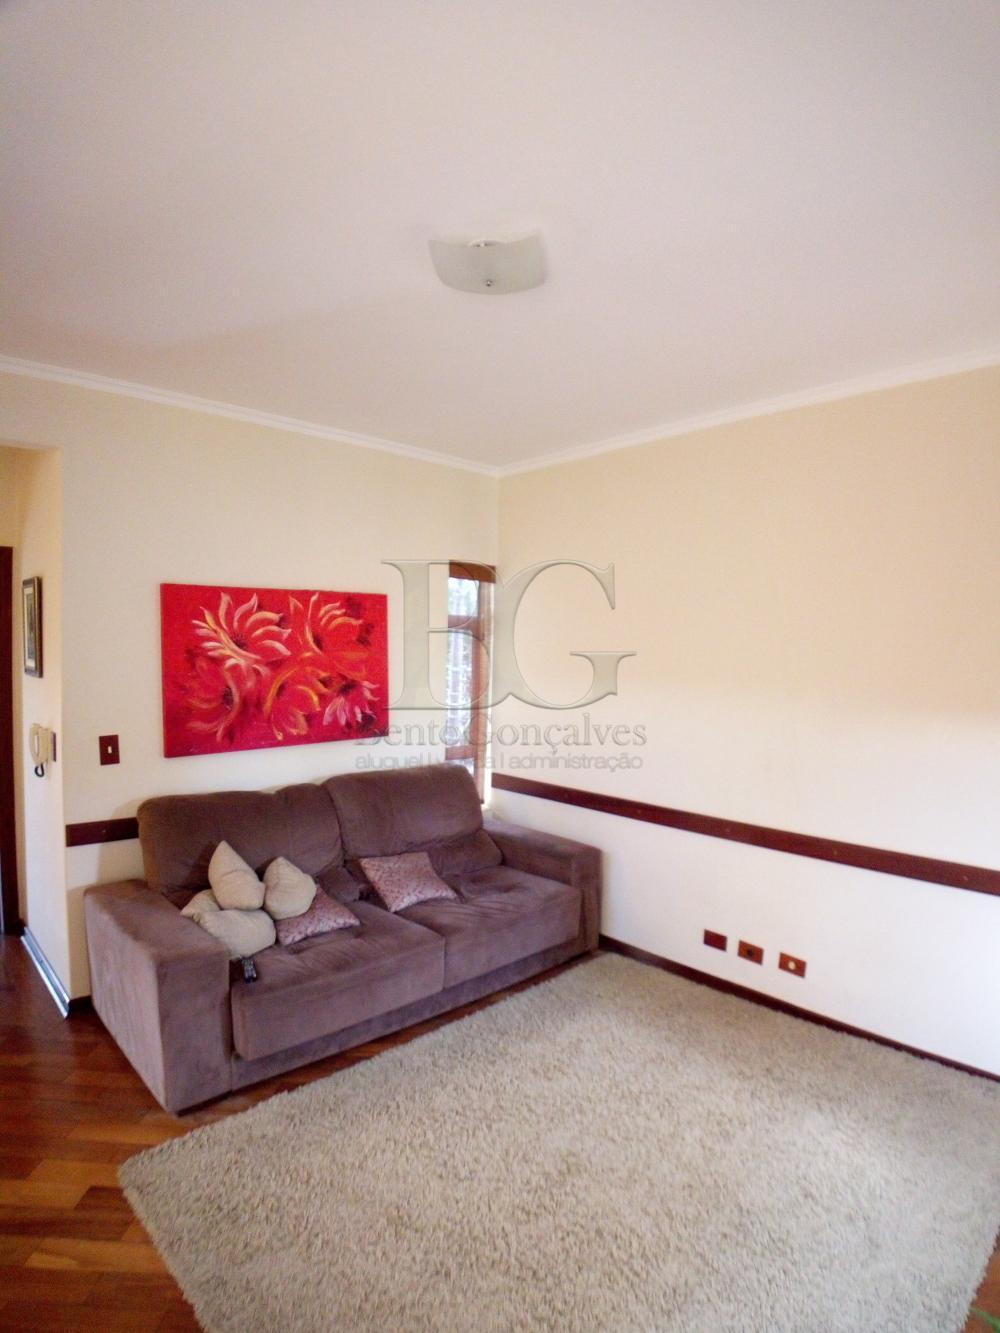 Comprar Casas / Padrão em Poços de Caldas apenas R$ 850.000,00 - Foto 14